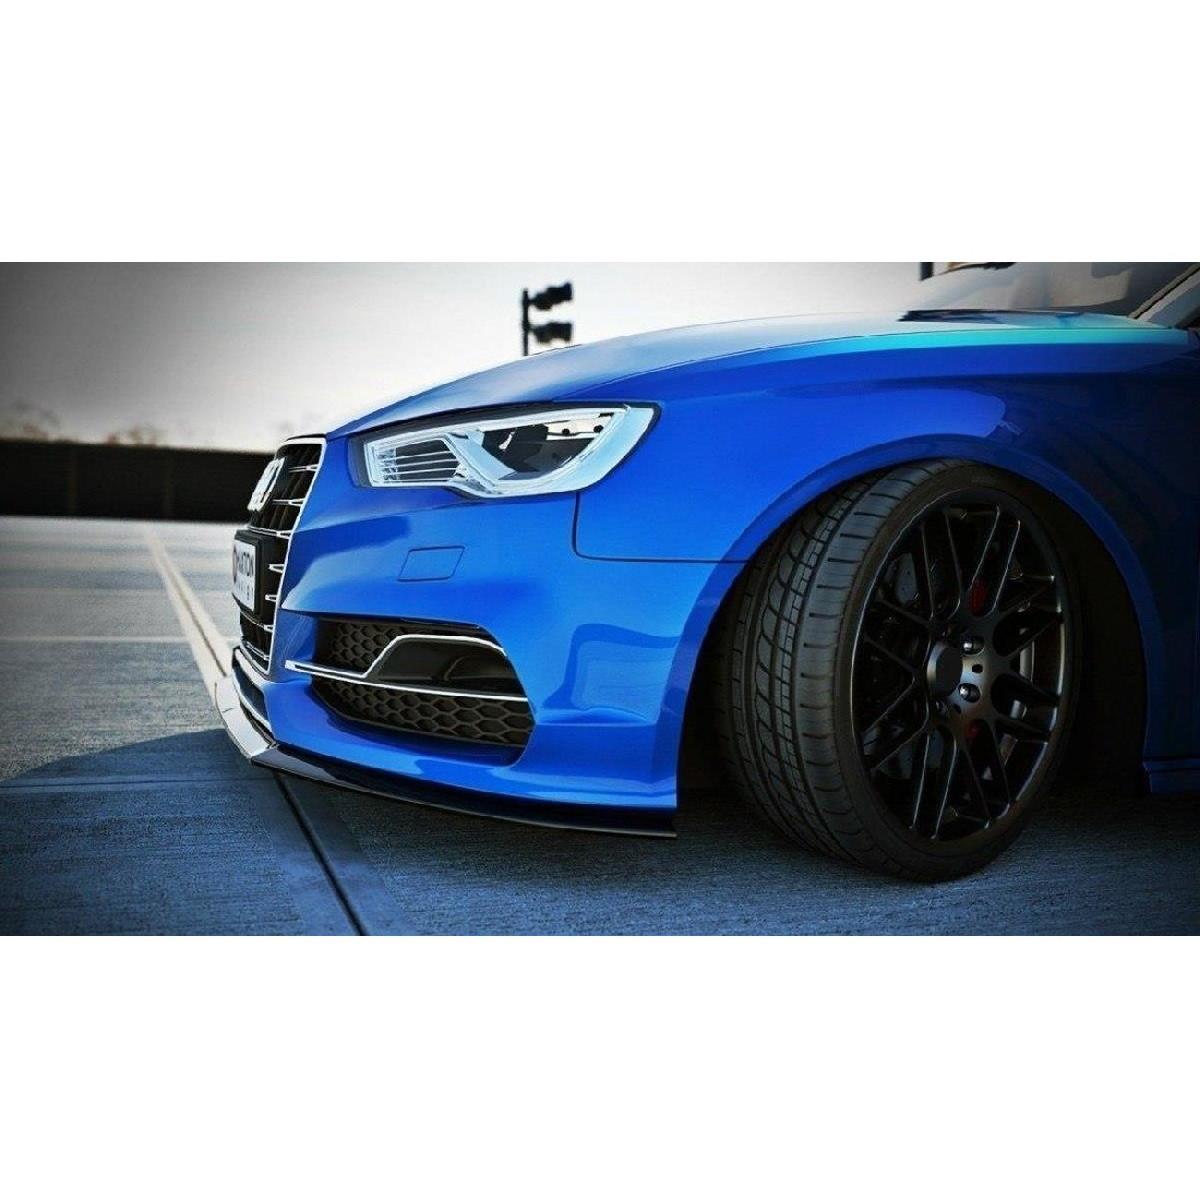 Cup Spoilerlippe Front Ansatz für Audi S3 / A3 S-Line 8V Limousine / Cabrio schwarz matt